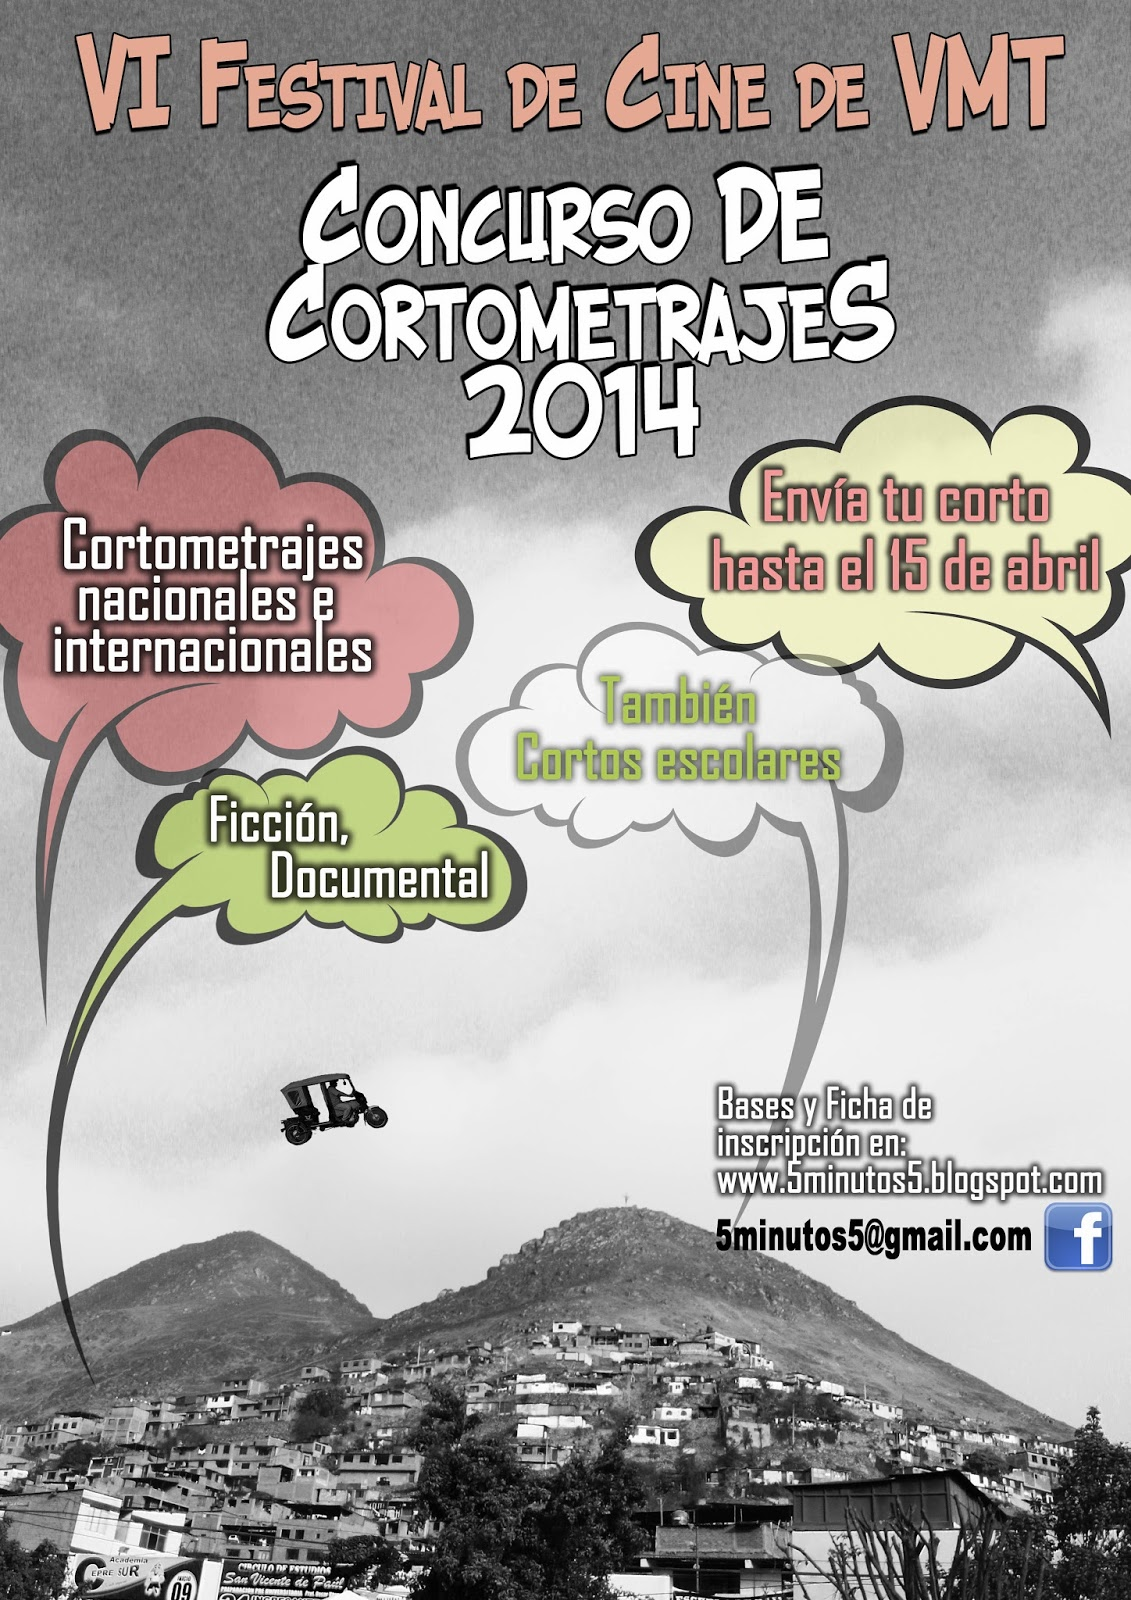 http://5minutos5.blogspot.com/2014/02/vi-festival-de-cine-de-vmt-concurso-de.html